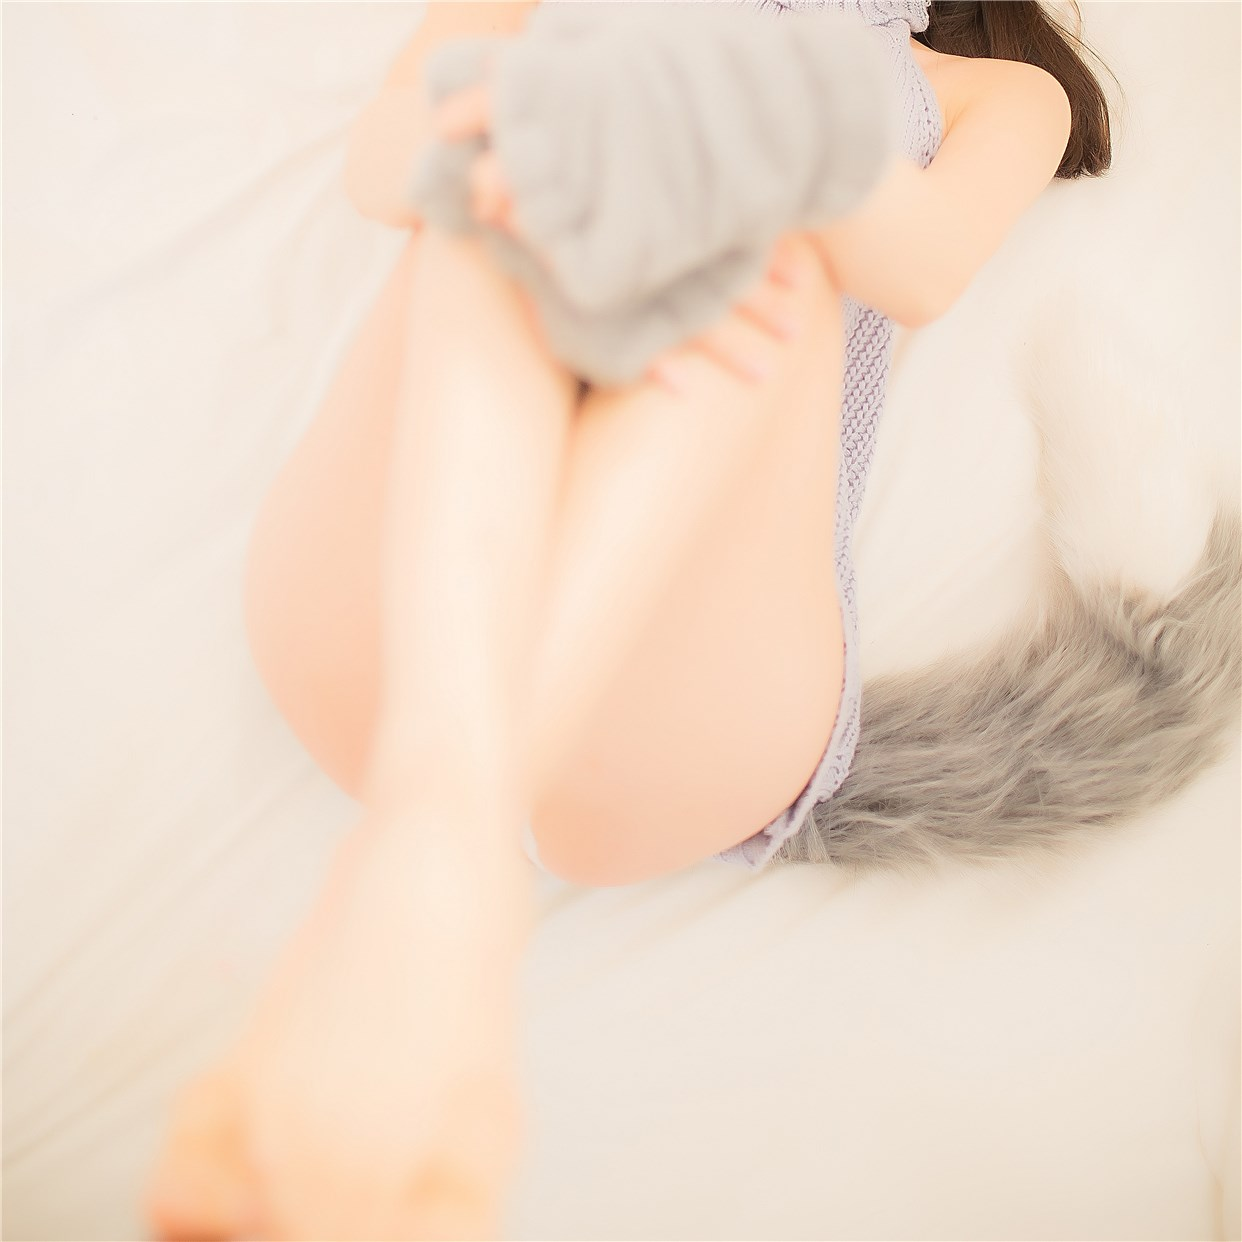 【兔玩映画】萌娘的露背毛衣 兔玩映画 第23张